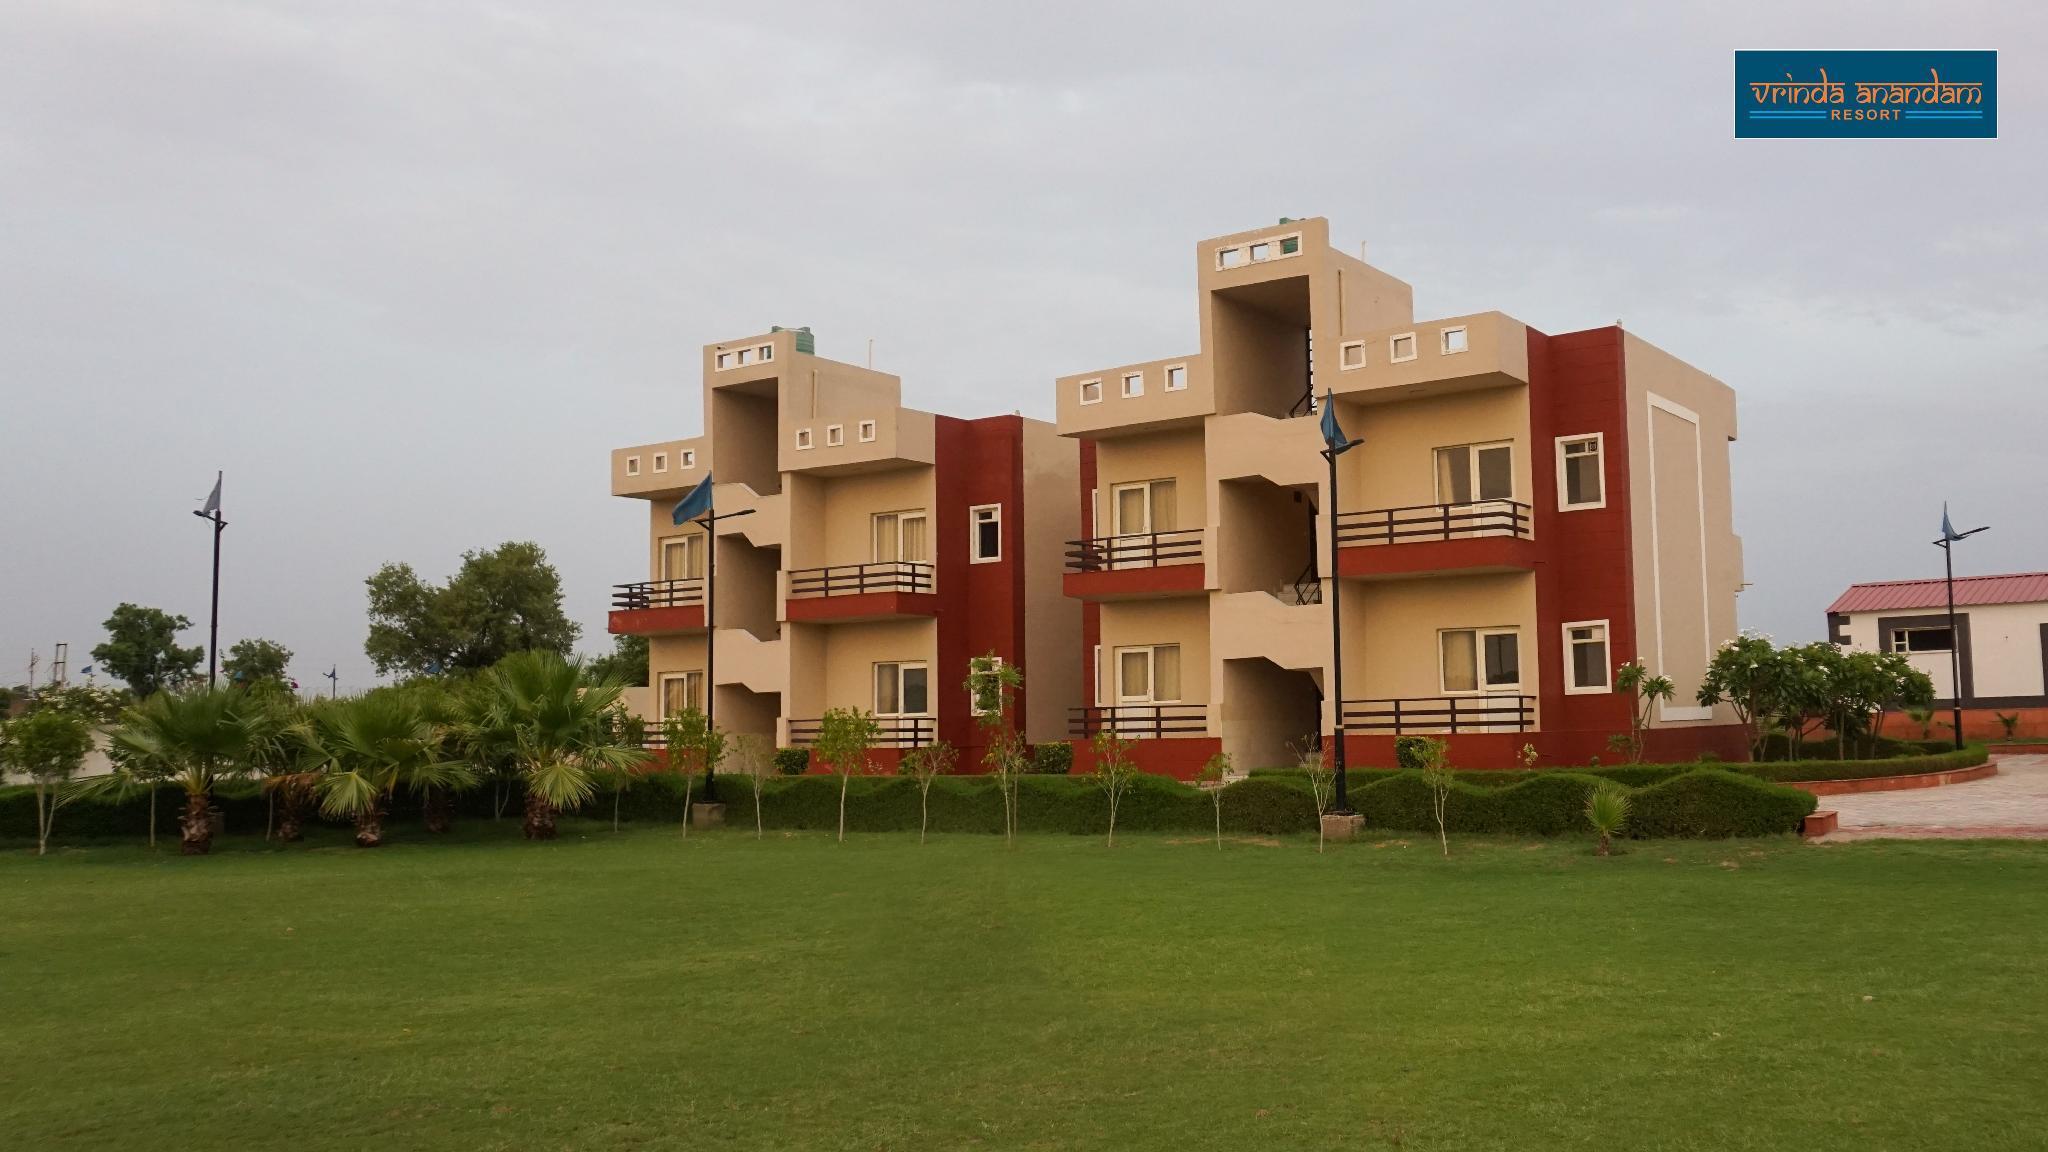 Vrinda Anandam Resort